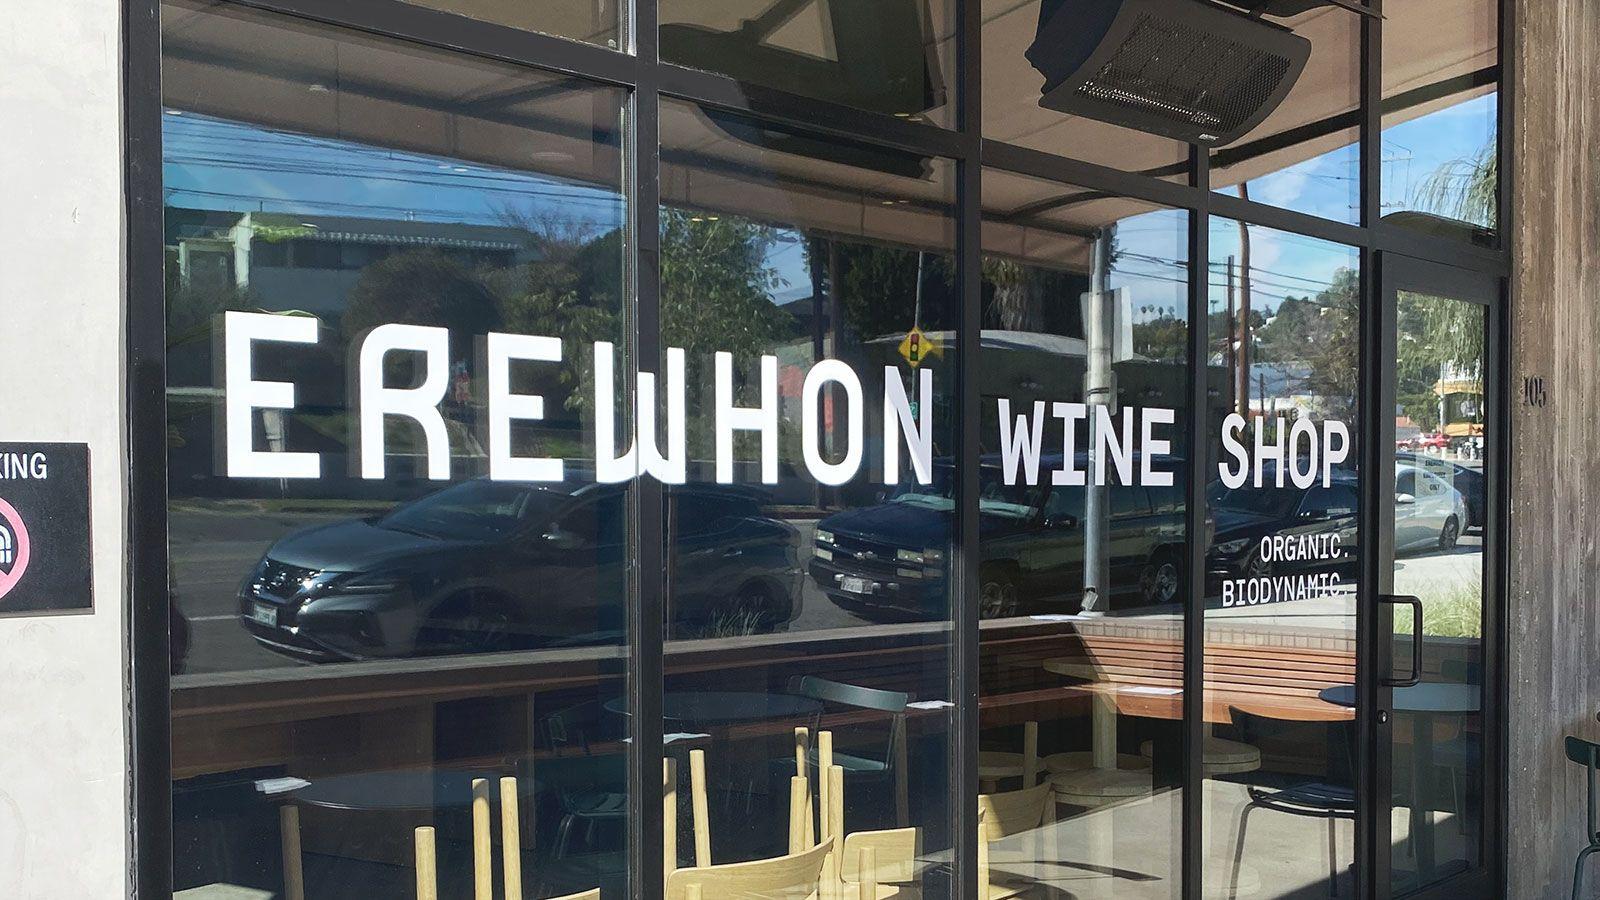 Erewhon wine shop vinyl lettering